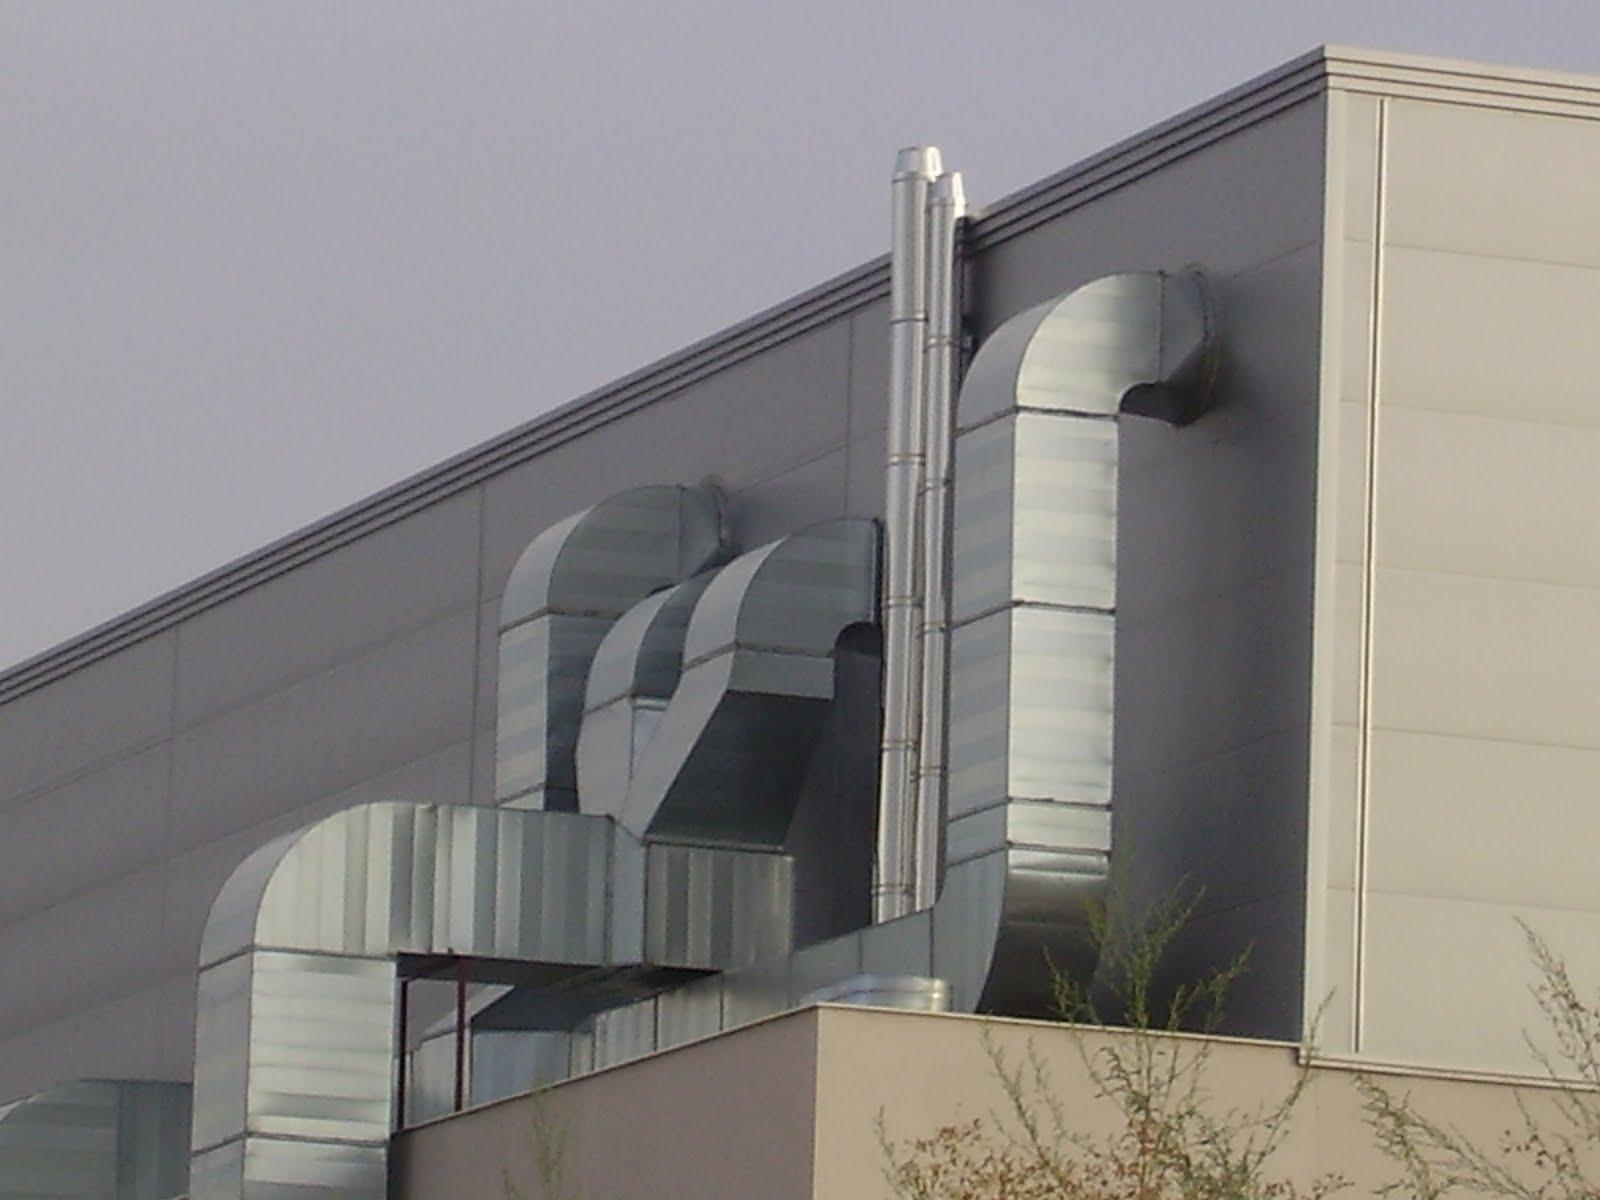 Conductos para salida de gases chimeneas tubos de acero for Salida aire acondicionado